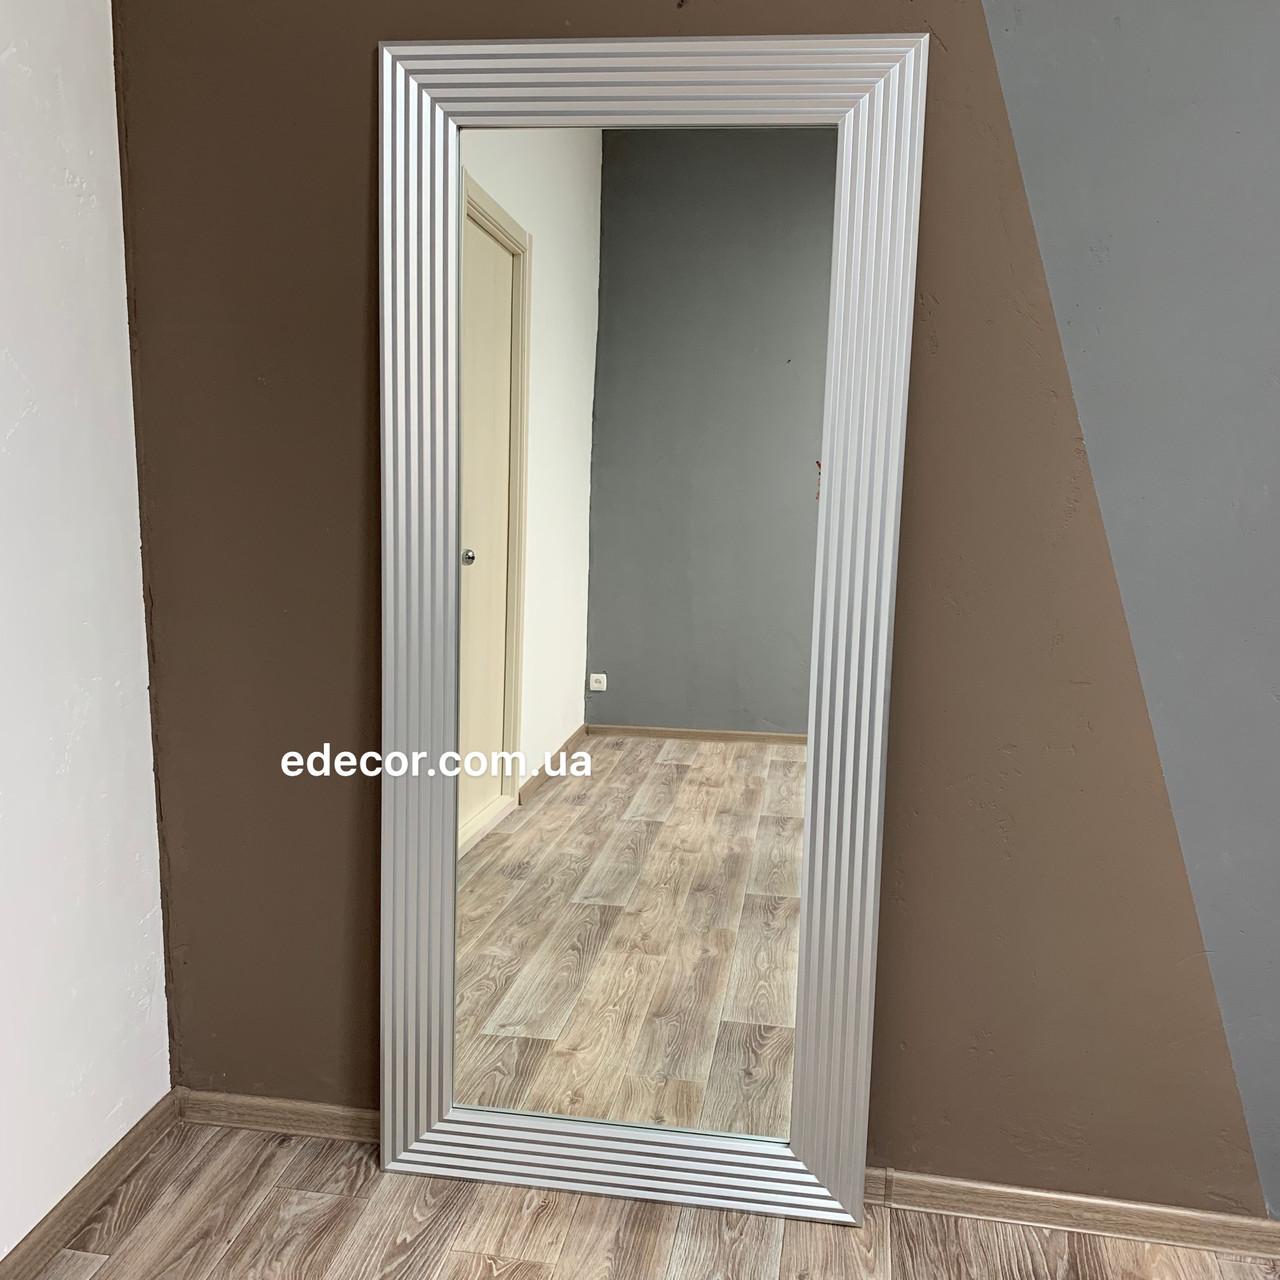 Зеркало в полный рост серебряное Alanno